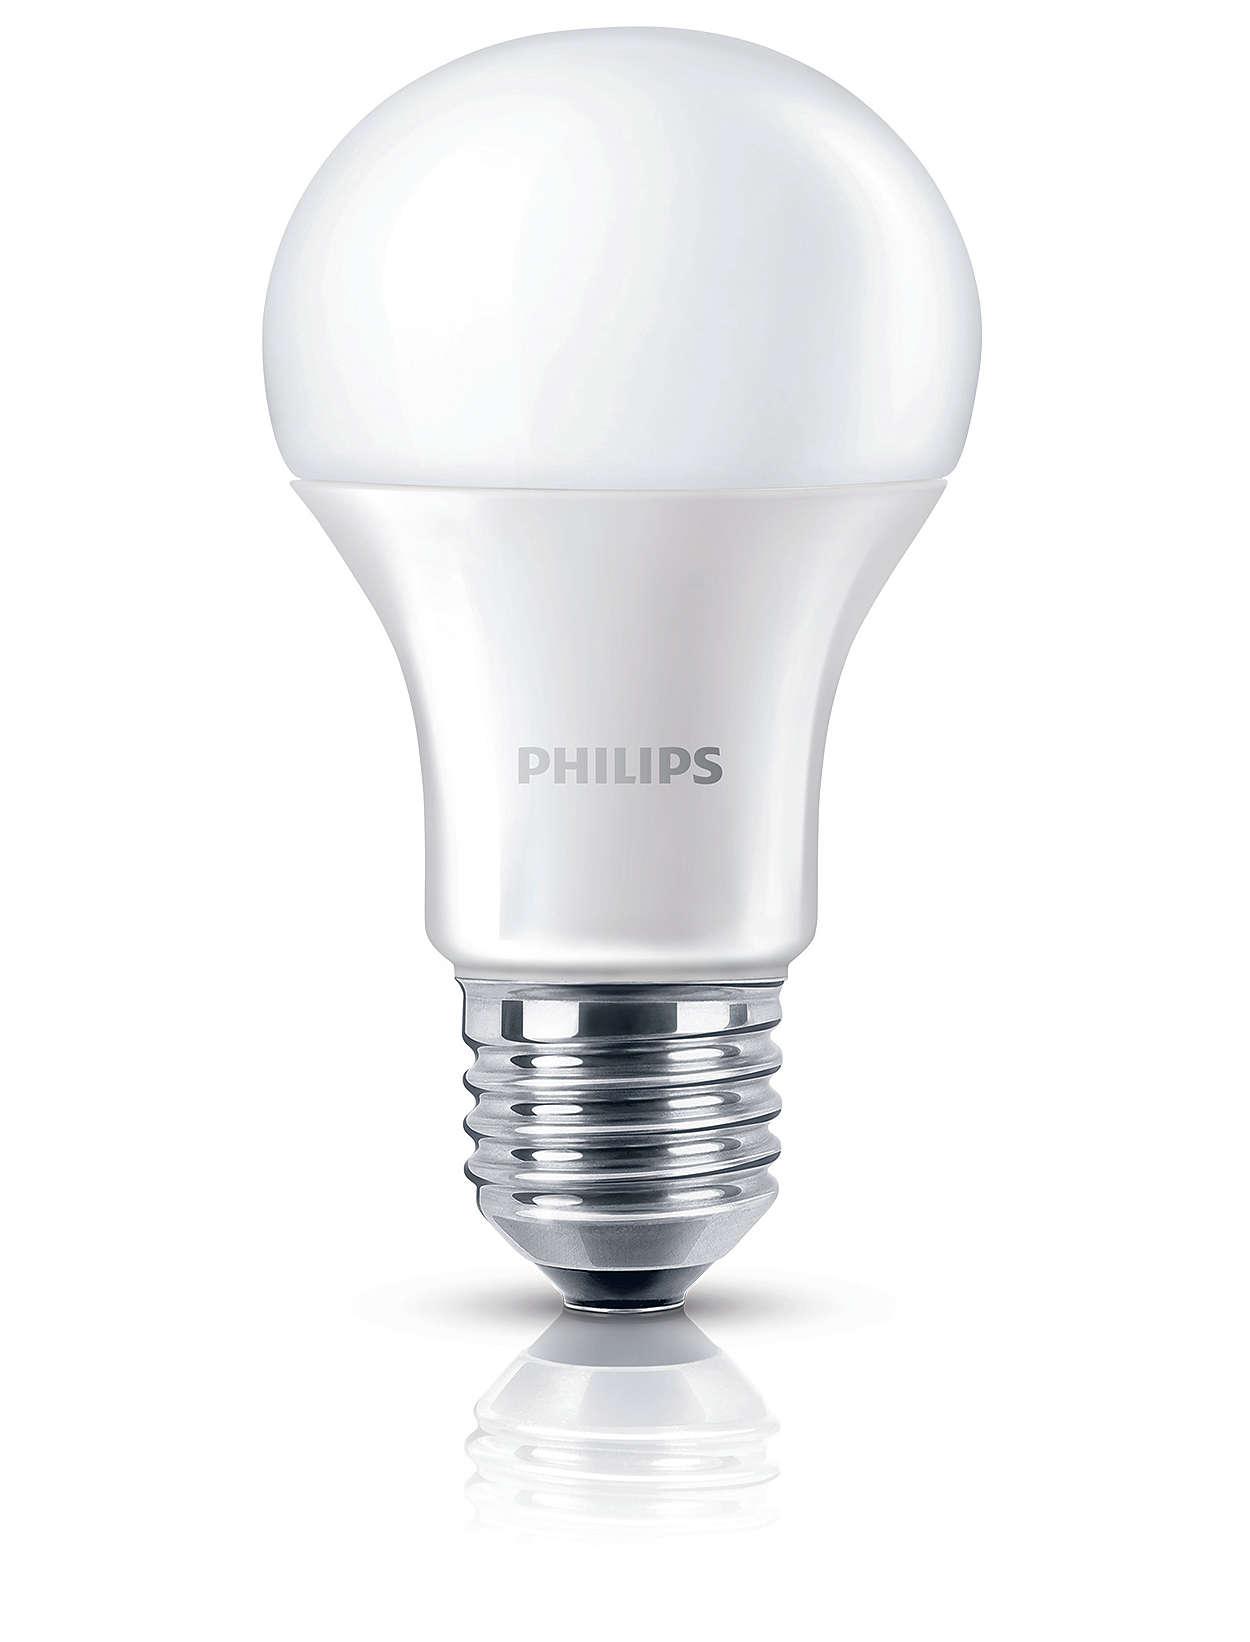 Vitt ljus – utan att offra ljuskvaliteten